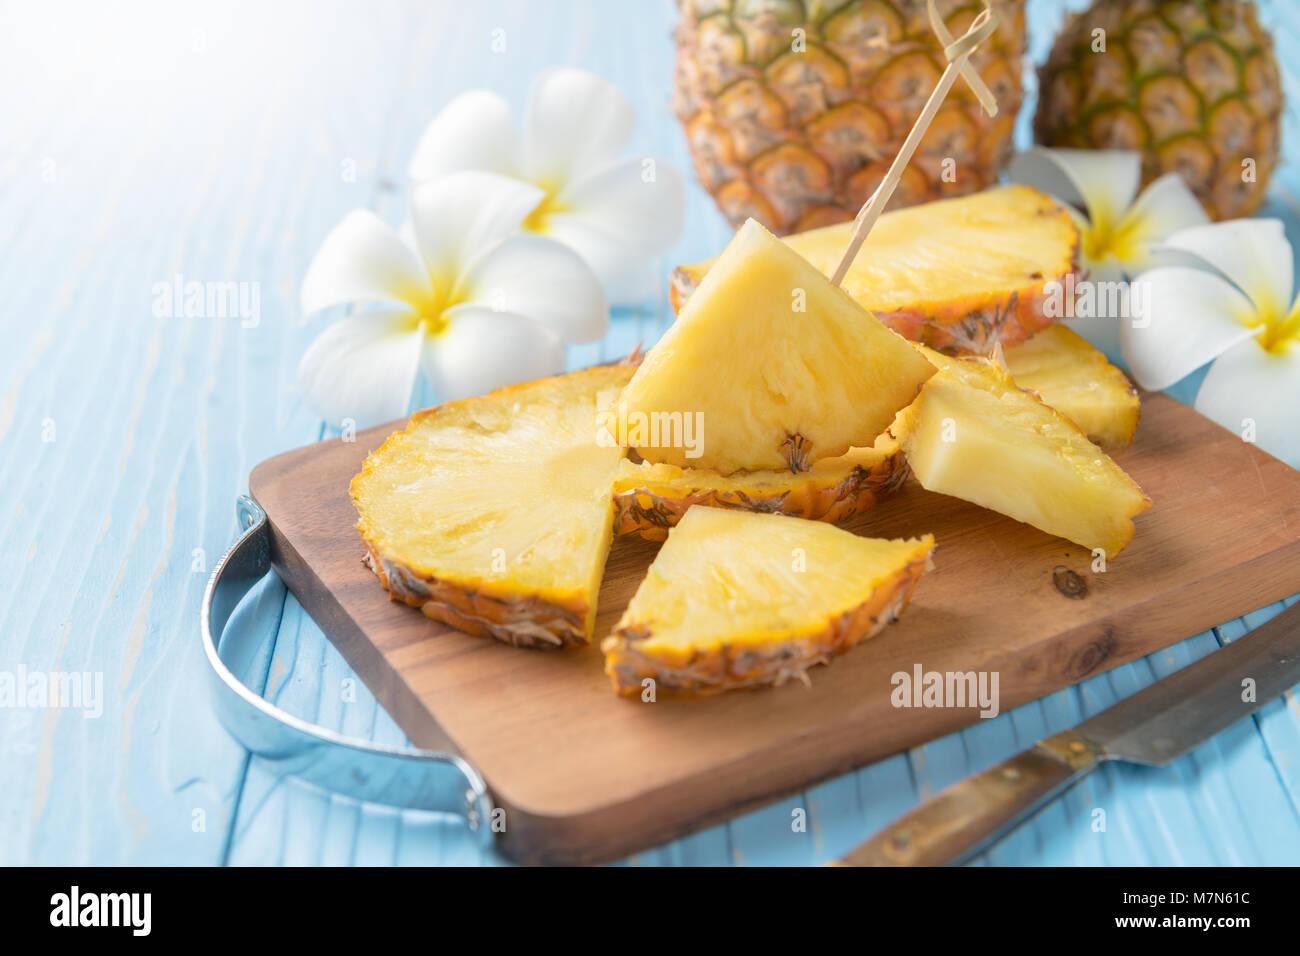 Frisch geschnittene Ananas auf Holz Block und blau Holz Hintergrund, Sommer Früchte Konzept Stockbild